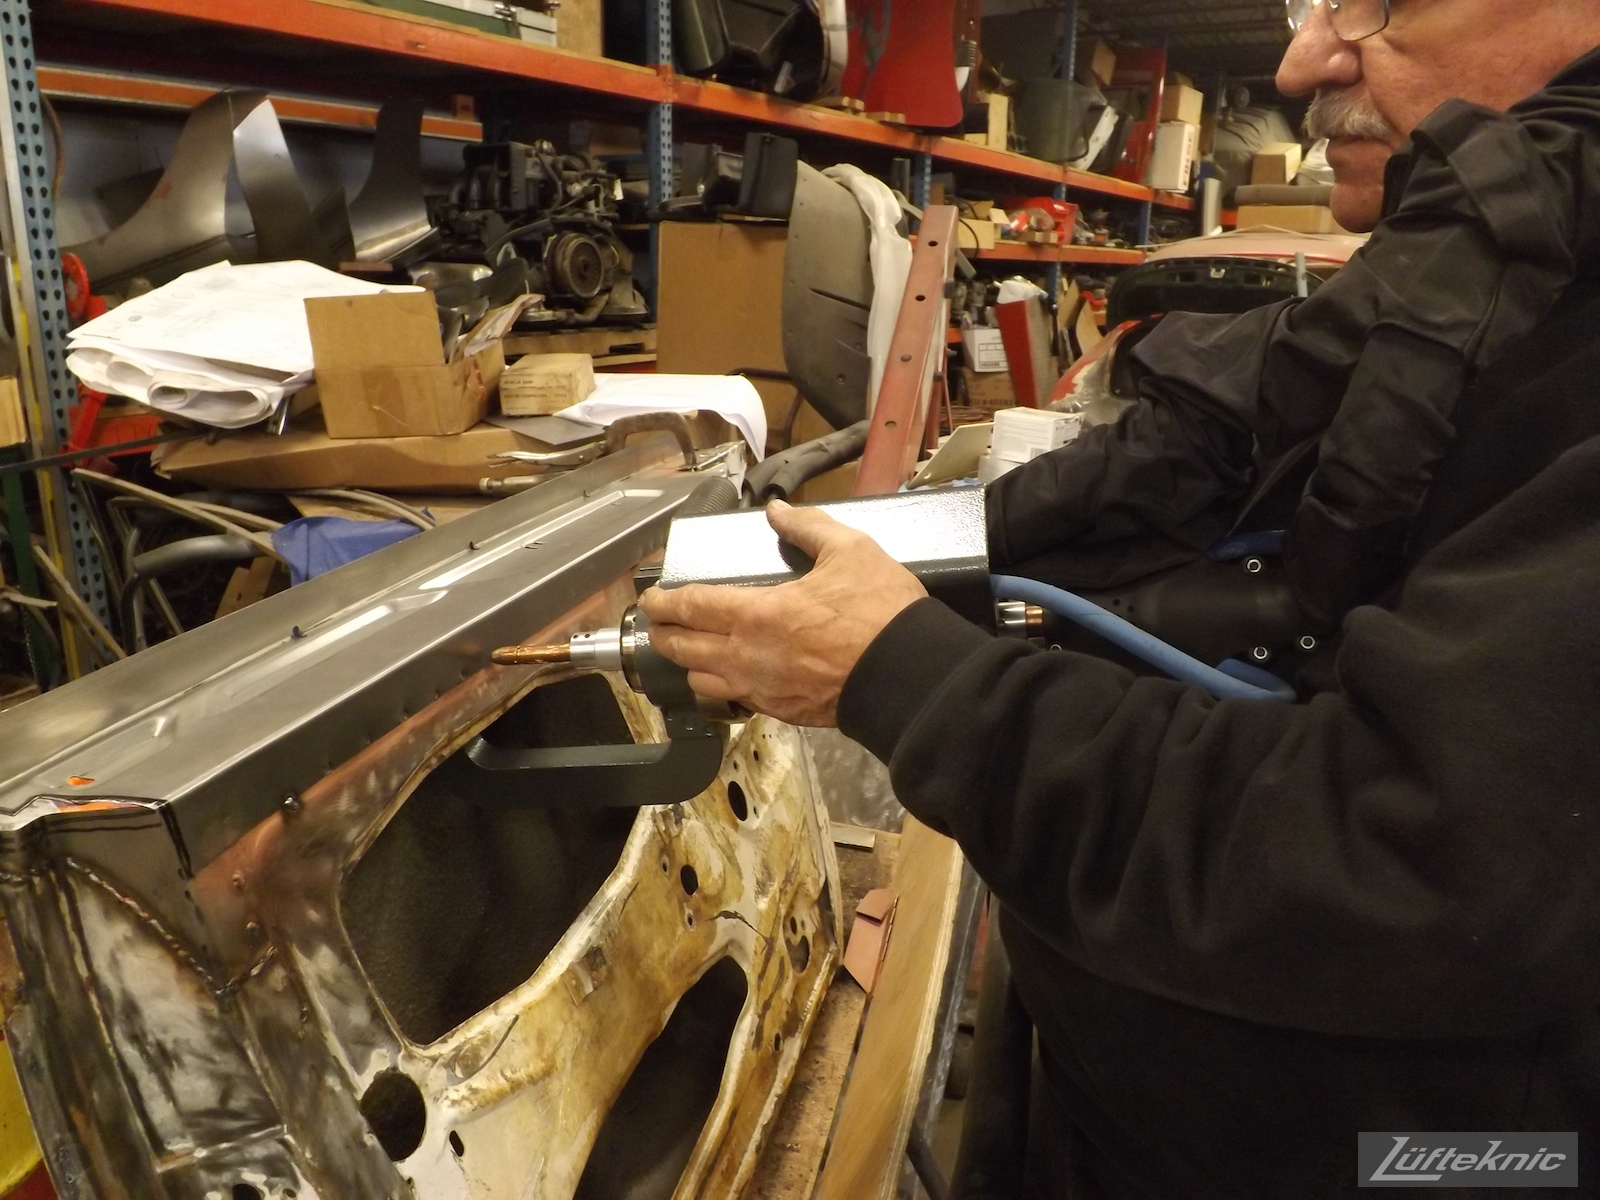 spot welding a door repair for a 1964 Porsche 356SC restoration.